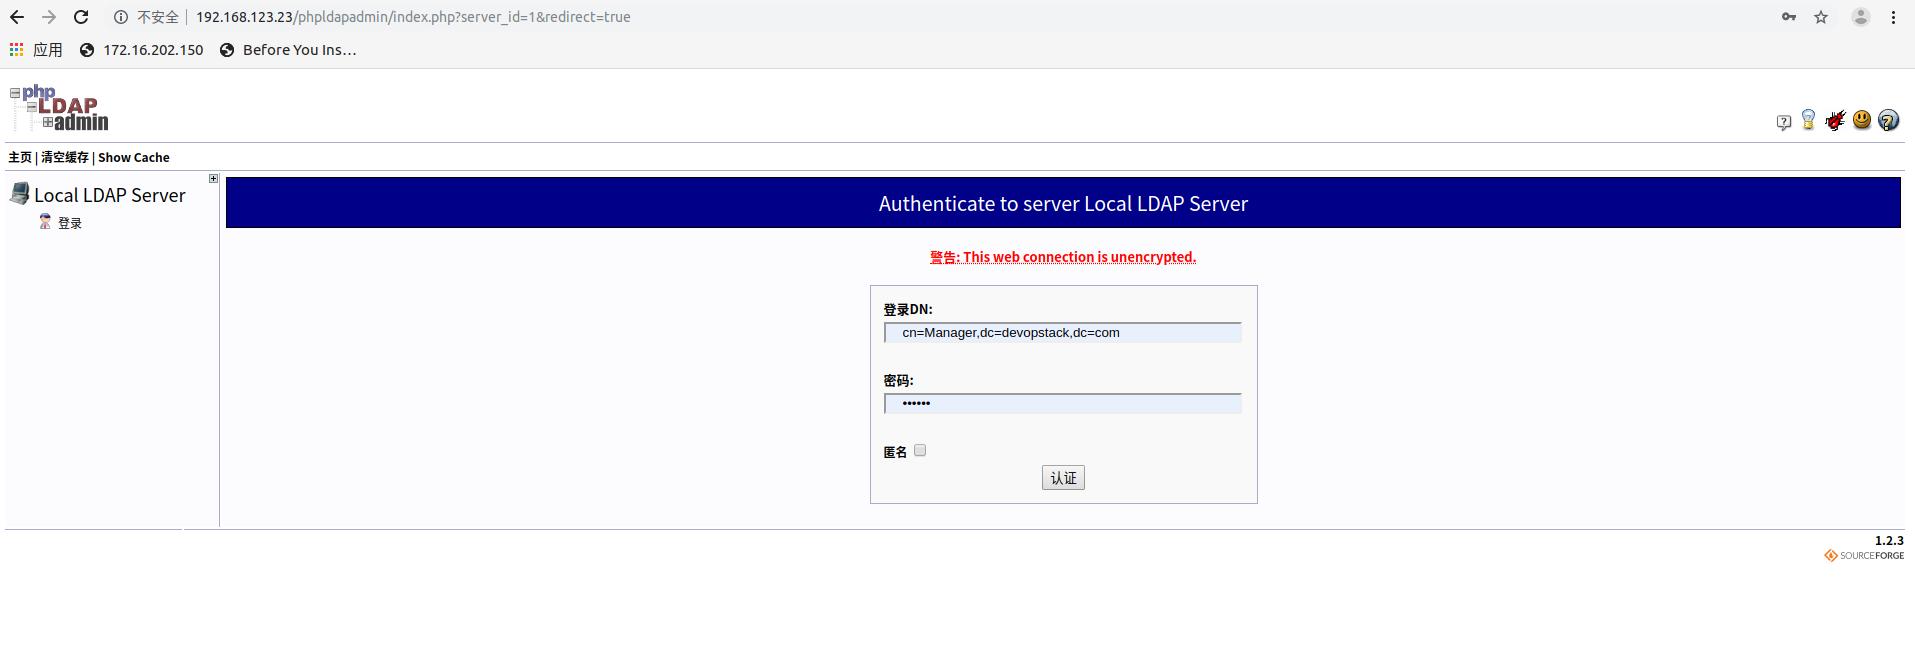 CentOS7.4下OpenLDAP 的安装与配置及OpenLDAP主从主主